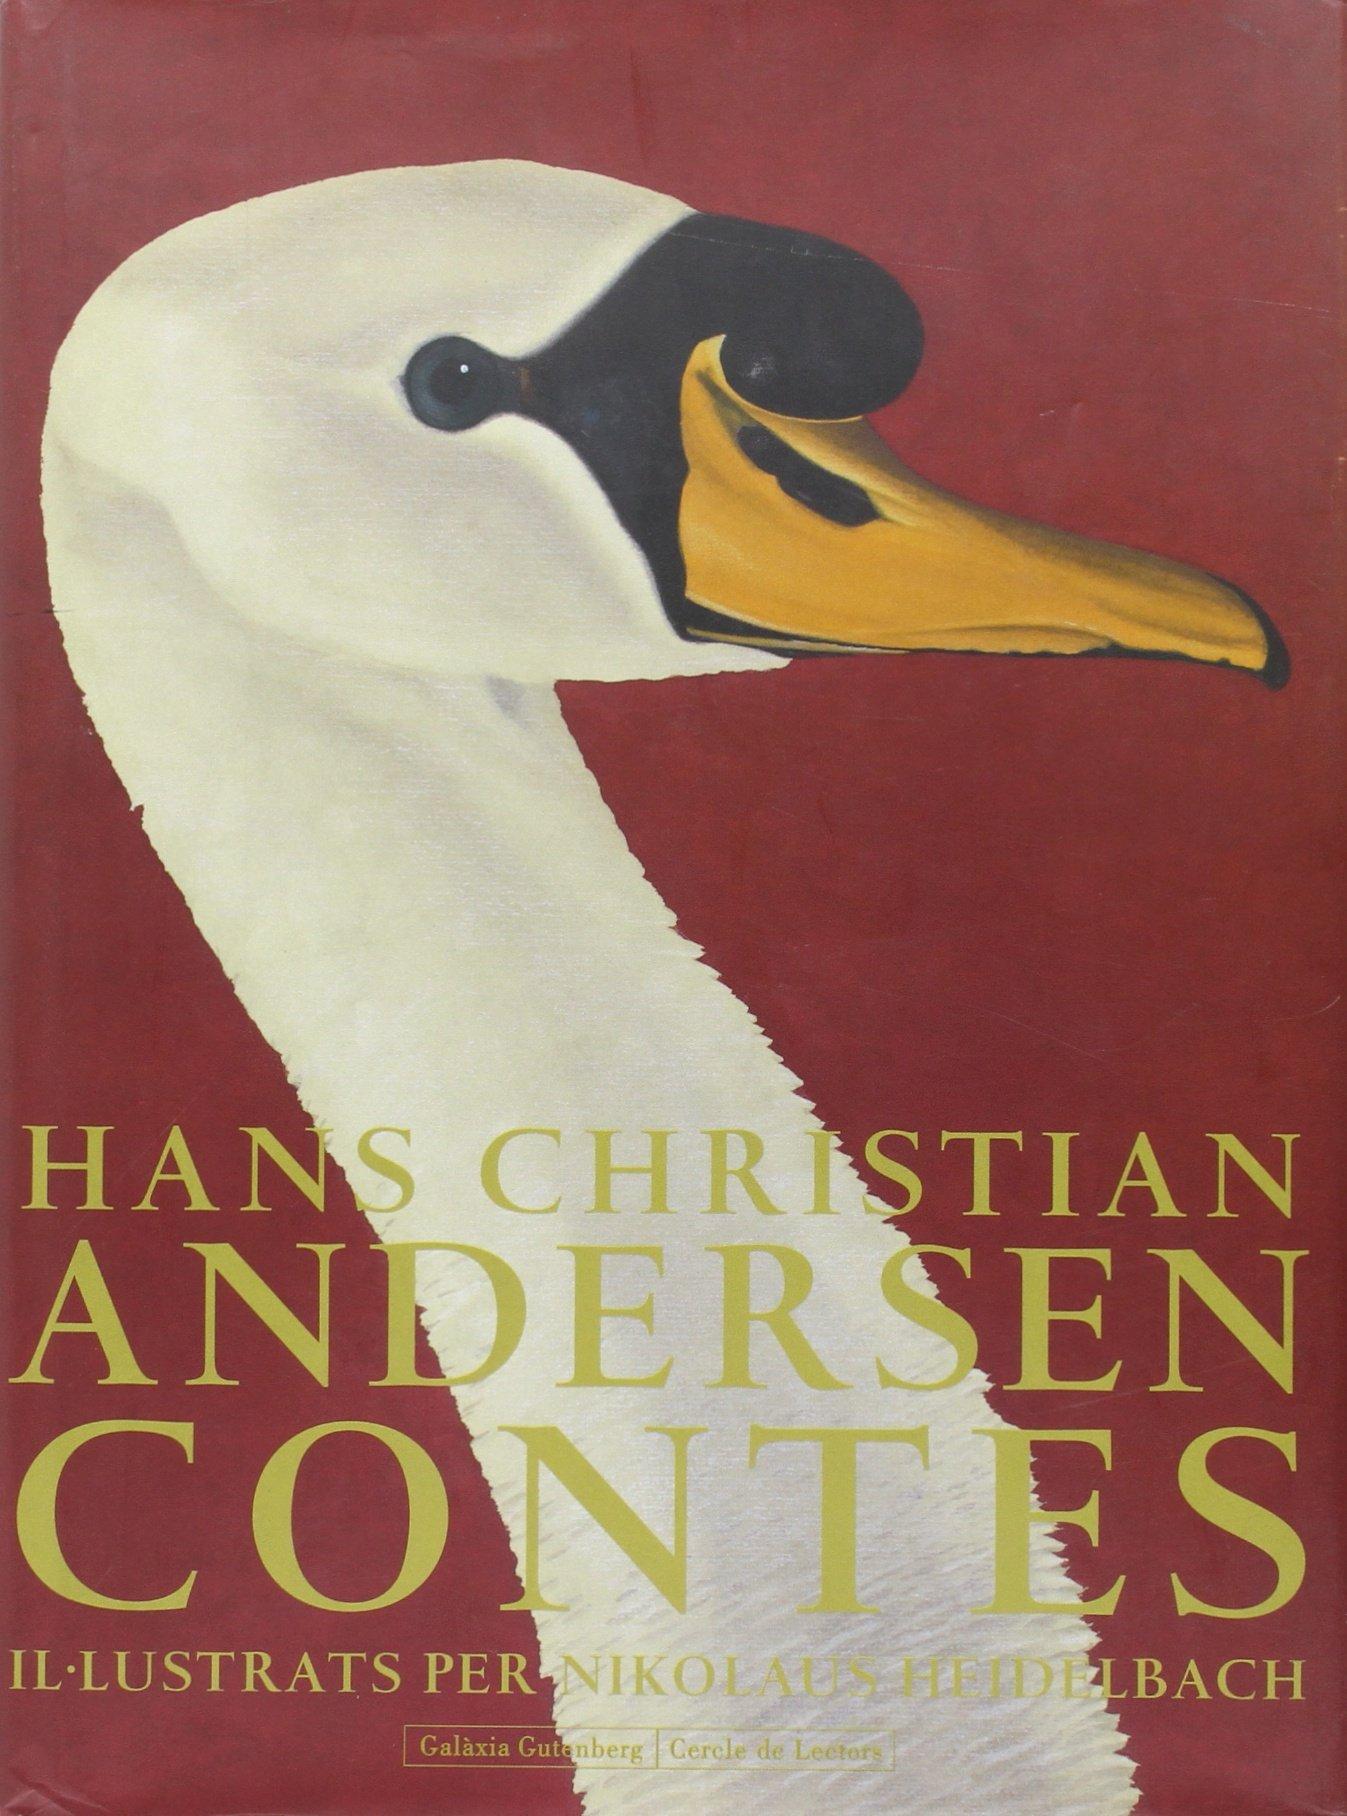 Contes (Llibres en català)